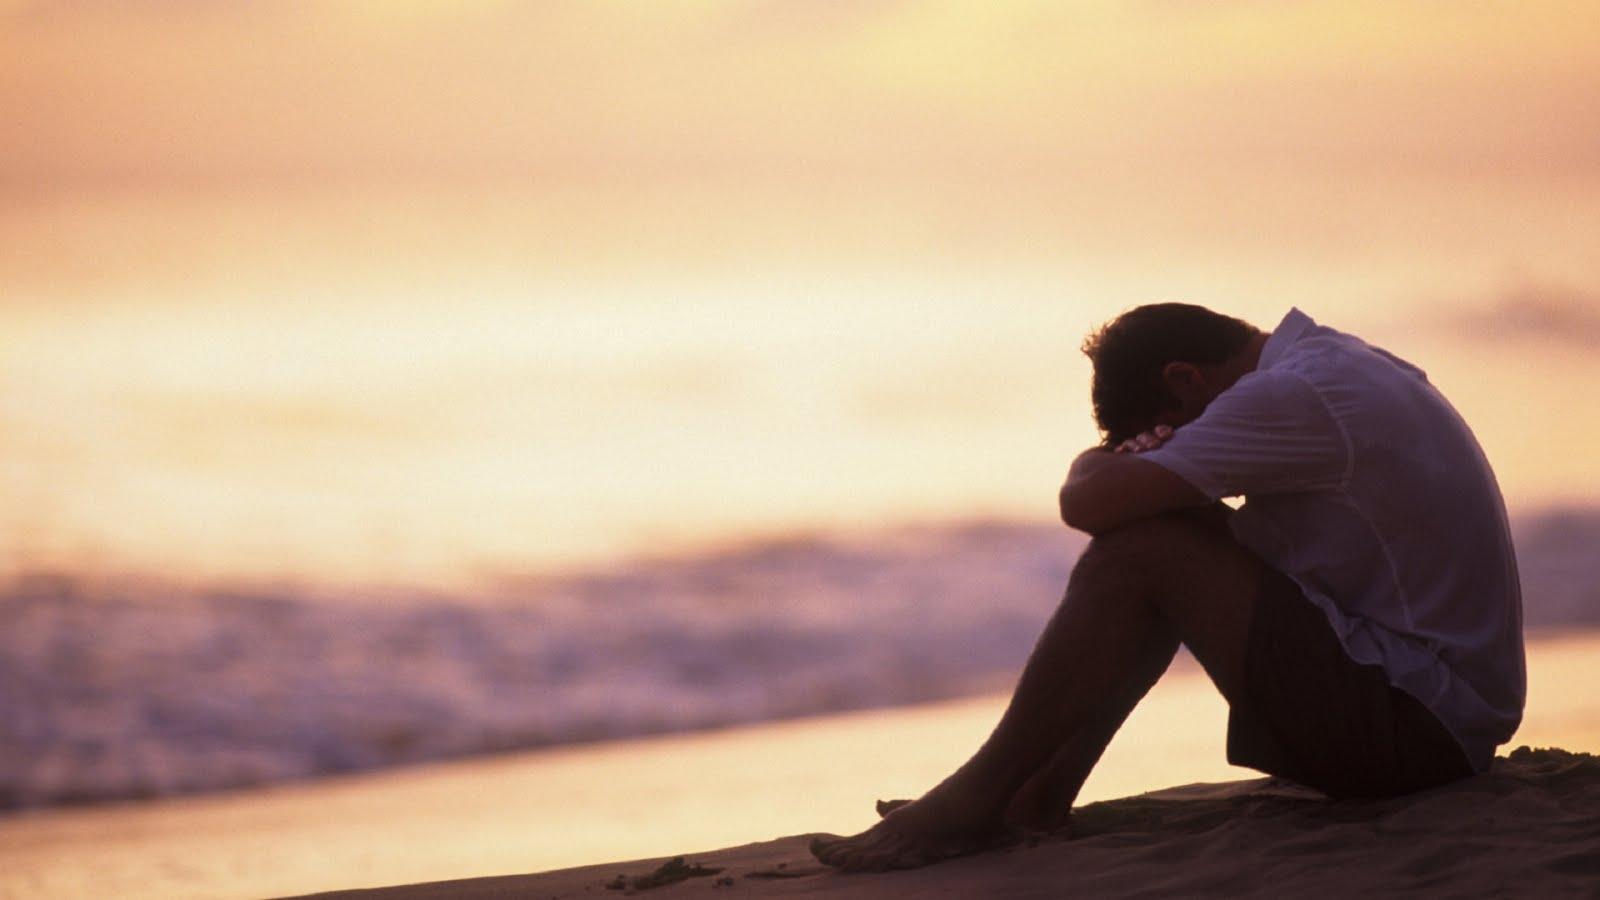 صور رجل حزين ,<p></p><br> <p></p><br>الحزن و اصعب صور لحزن الرجال  كيوت